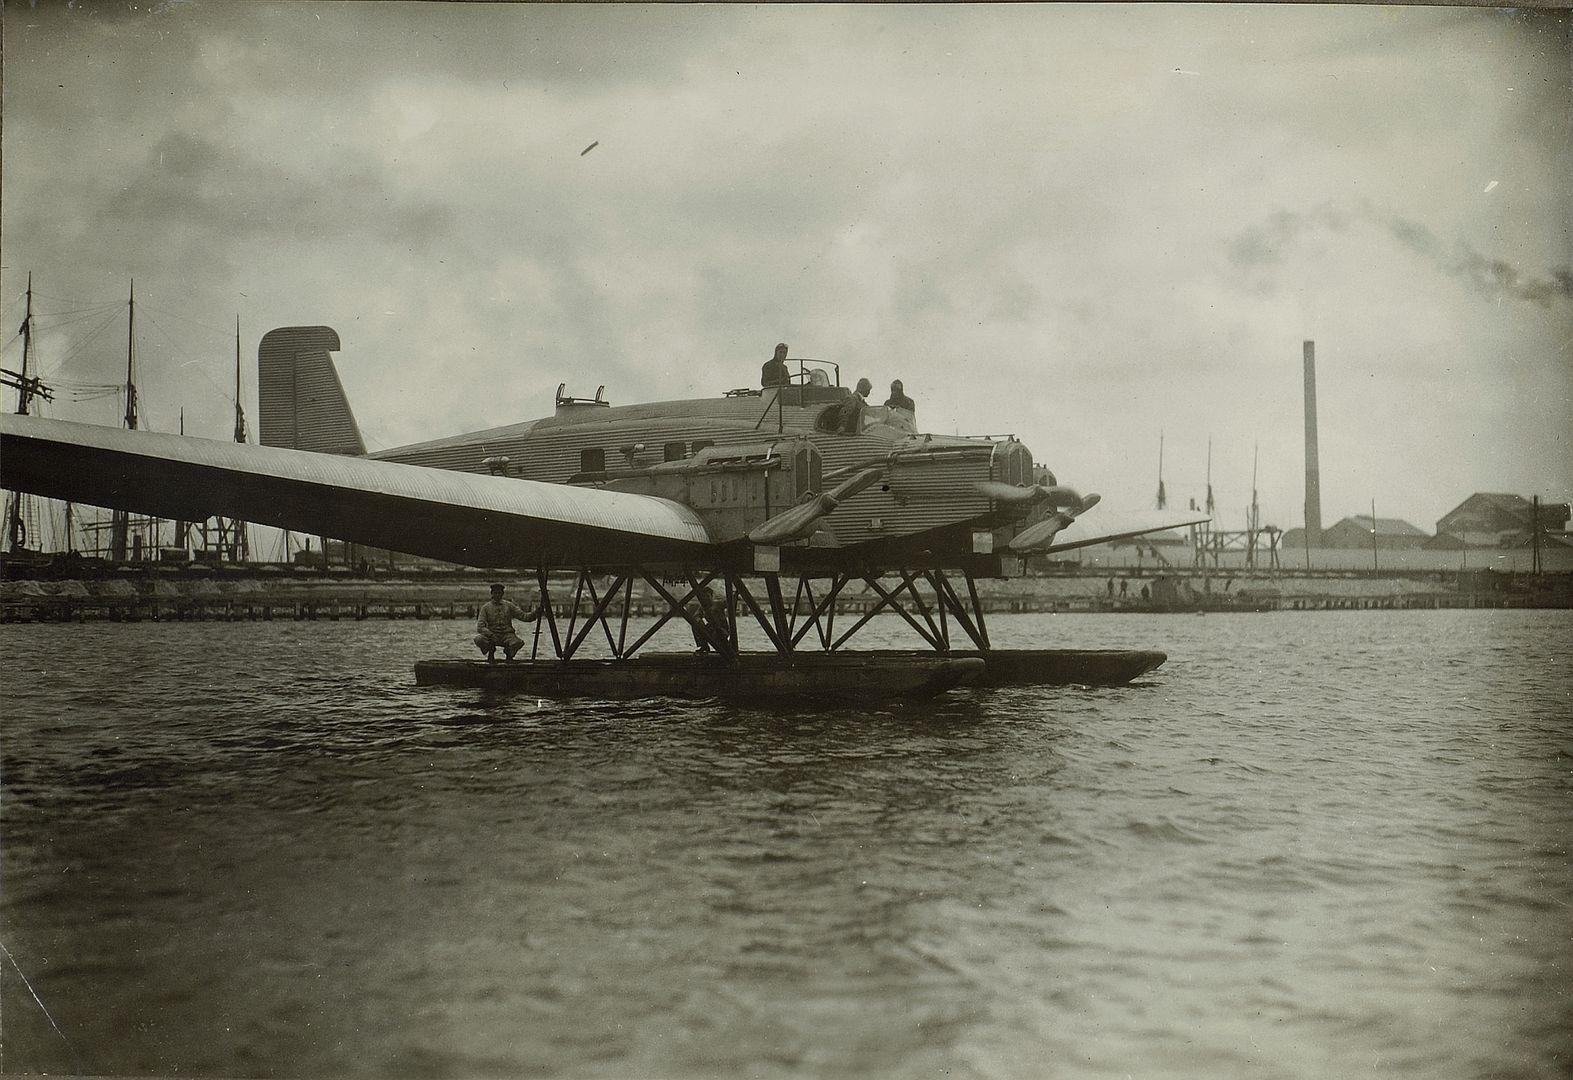 Junkers K 30 R42 ab 1926-27 im Betrieb. 23 von total 30 K 30 unter der Typenversion R 42 an die UdSSR-1